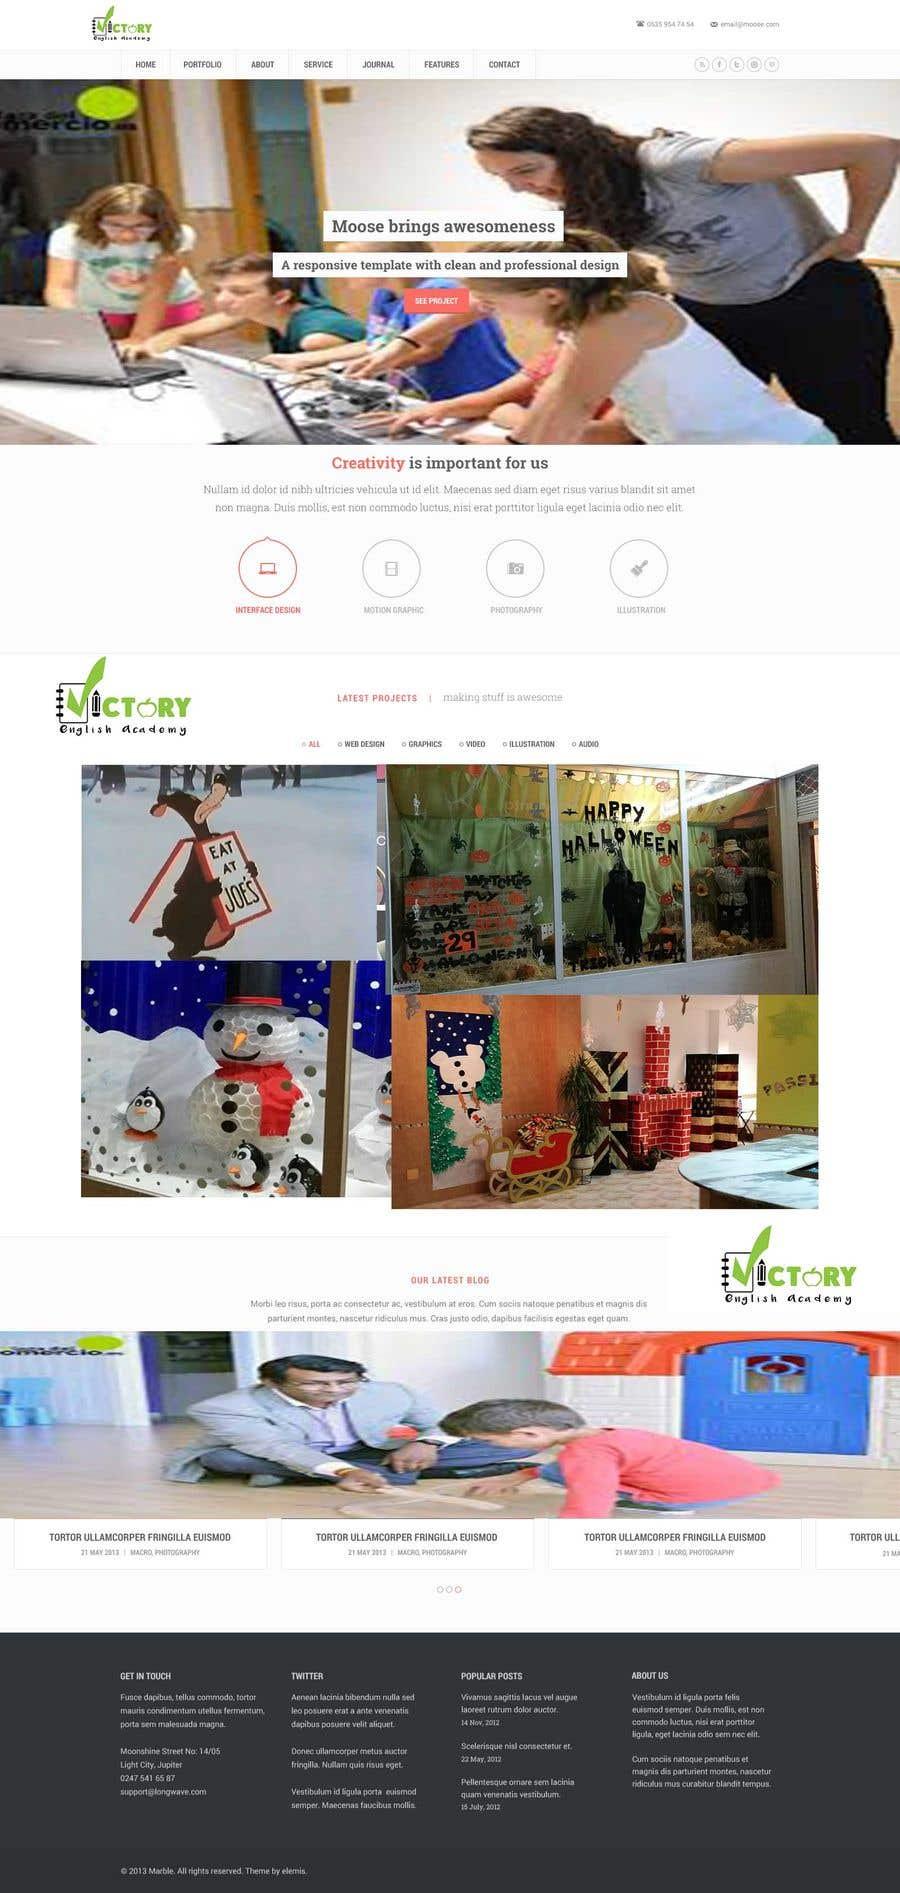 Konkurrenceindlæg #2 for Victory Academy Web Design